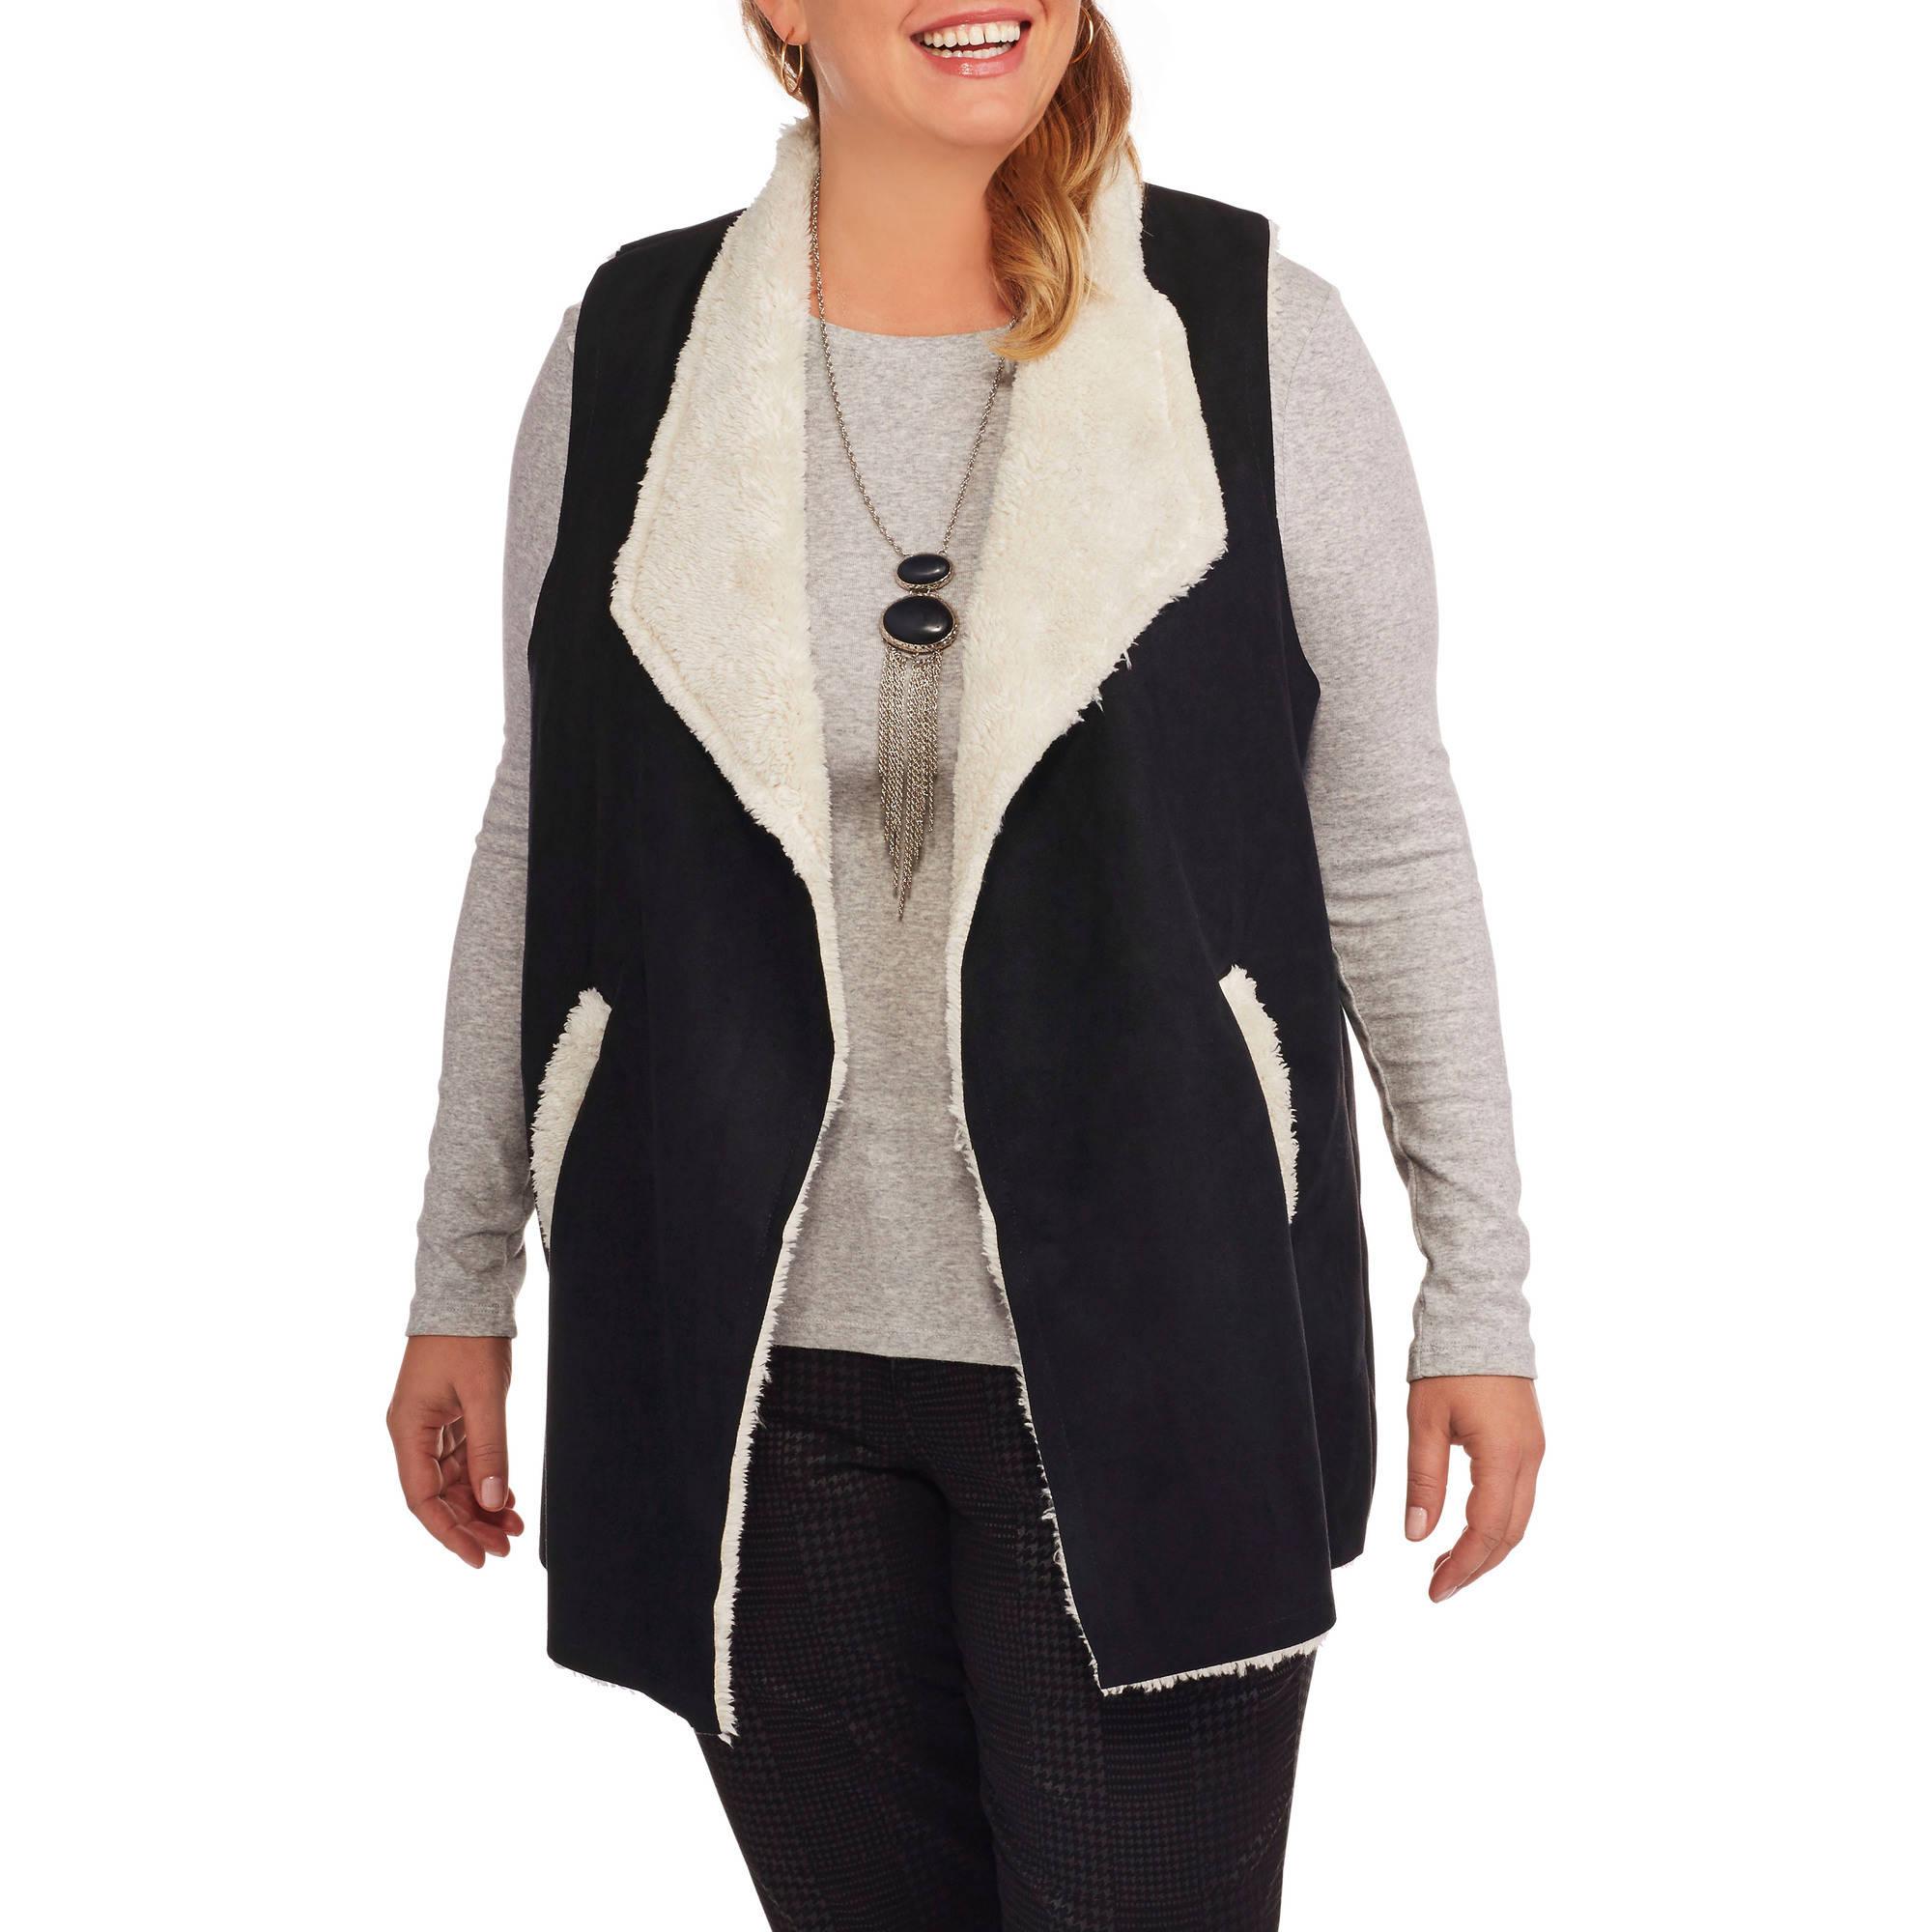 French Laundry Women's Plus Flyaway Vest with Moleskin Sherpa